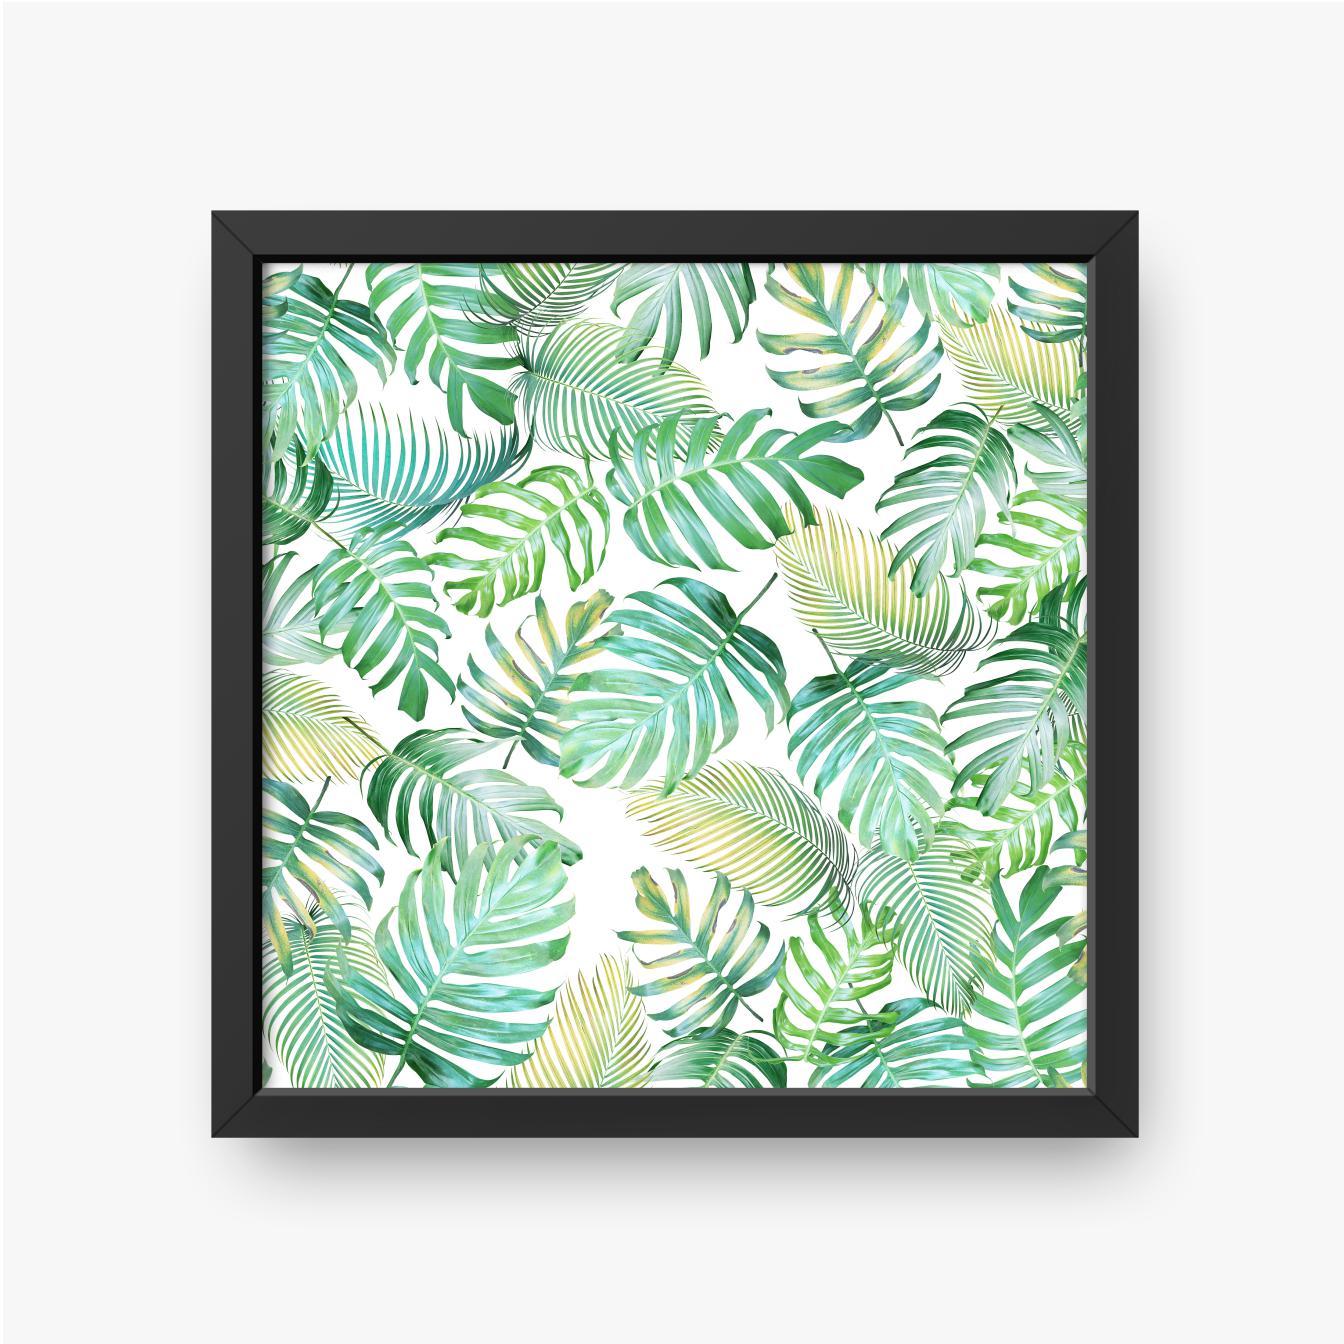 Nahtloses Muster aus tropischen Blättern von Monstera und Palmblättern in hellgrün-gelbem Farbton